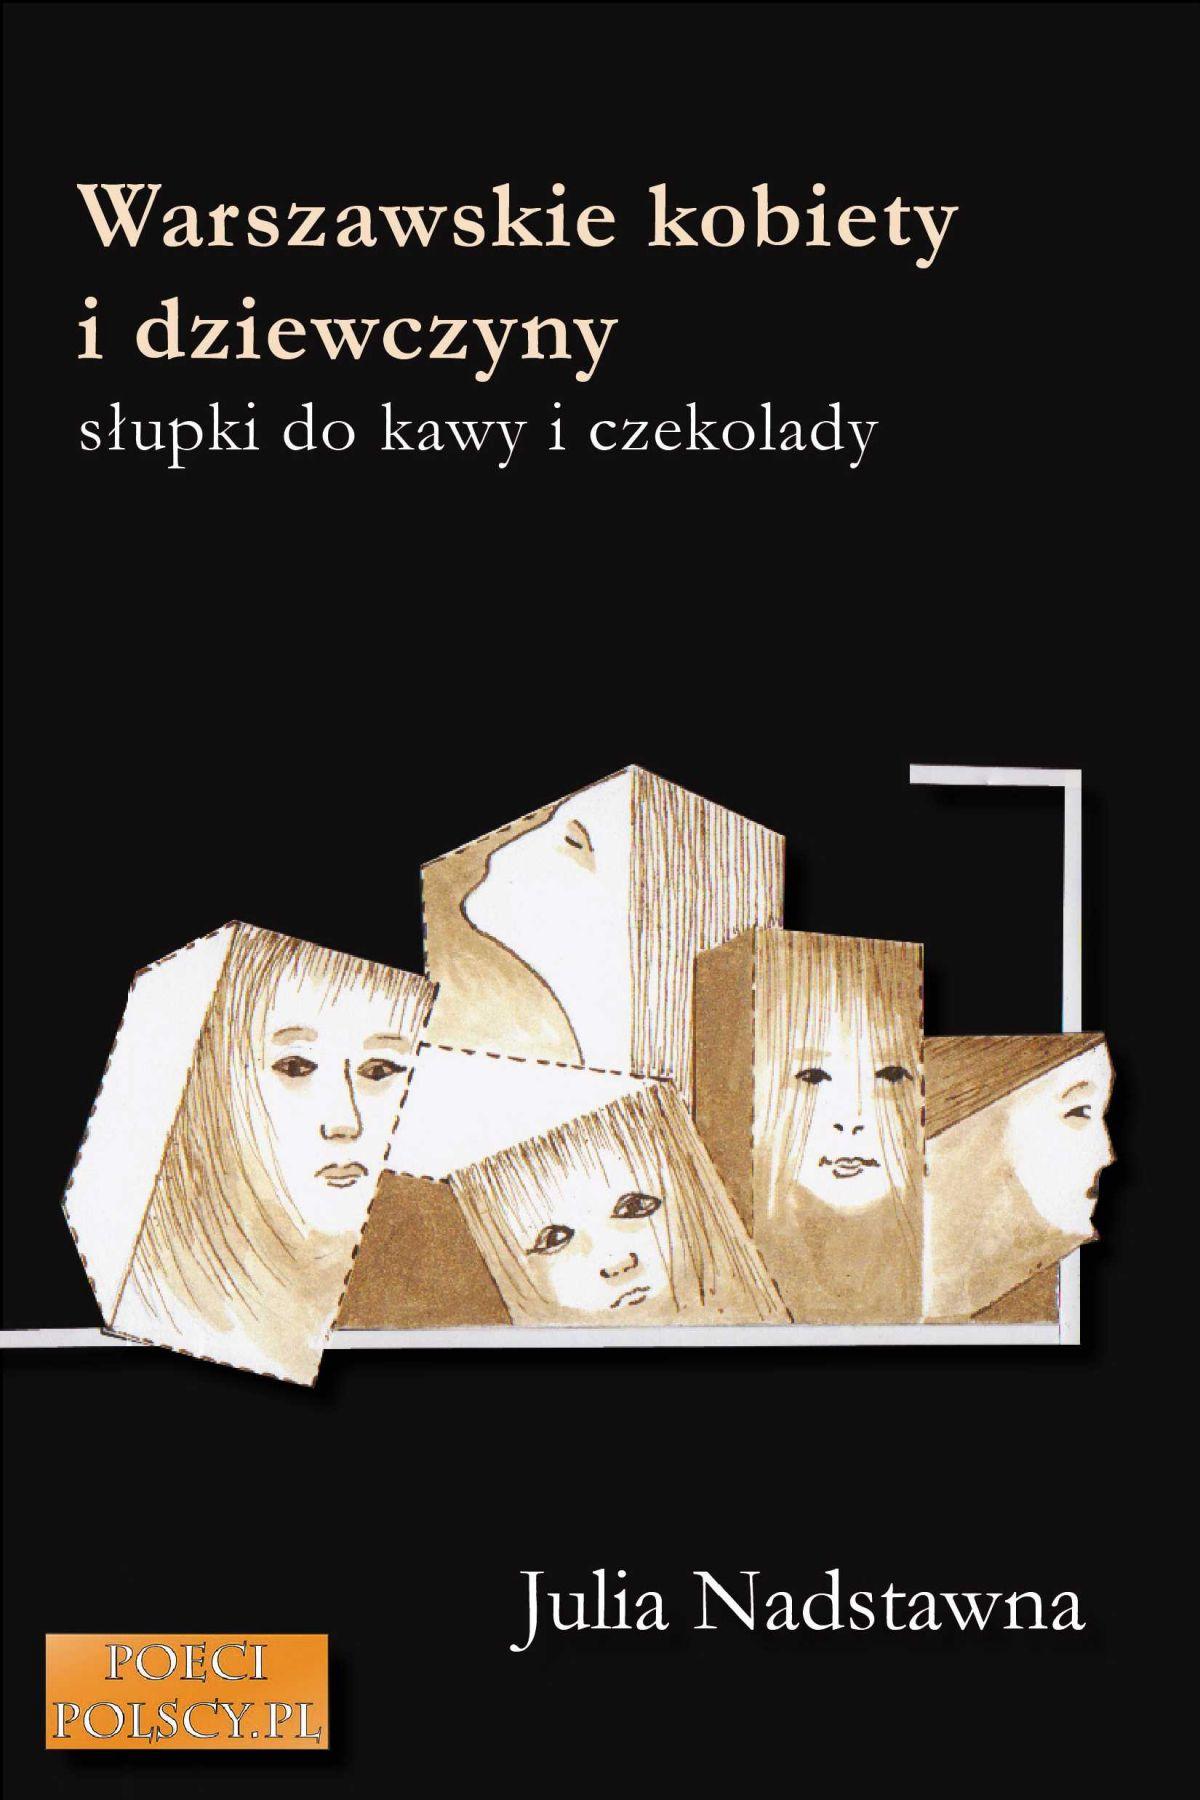 Warszawskie kobiety i dziewczyny. Słupki do kawy i czekolady. - Ebook (Książka EPUB) do pobrania w formacie EPUB